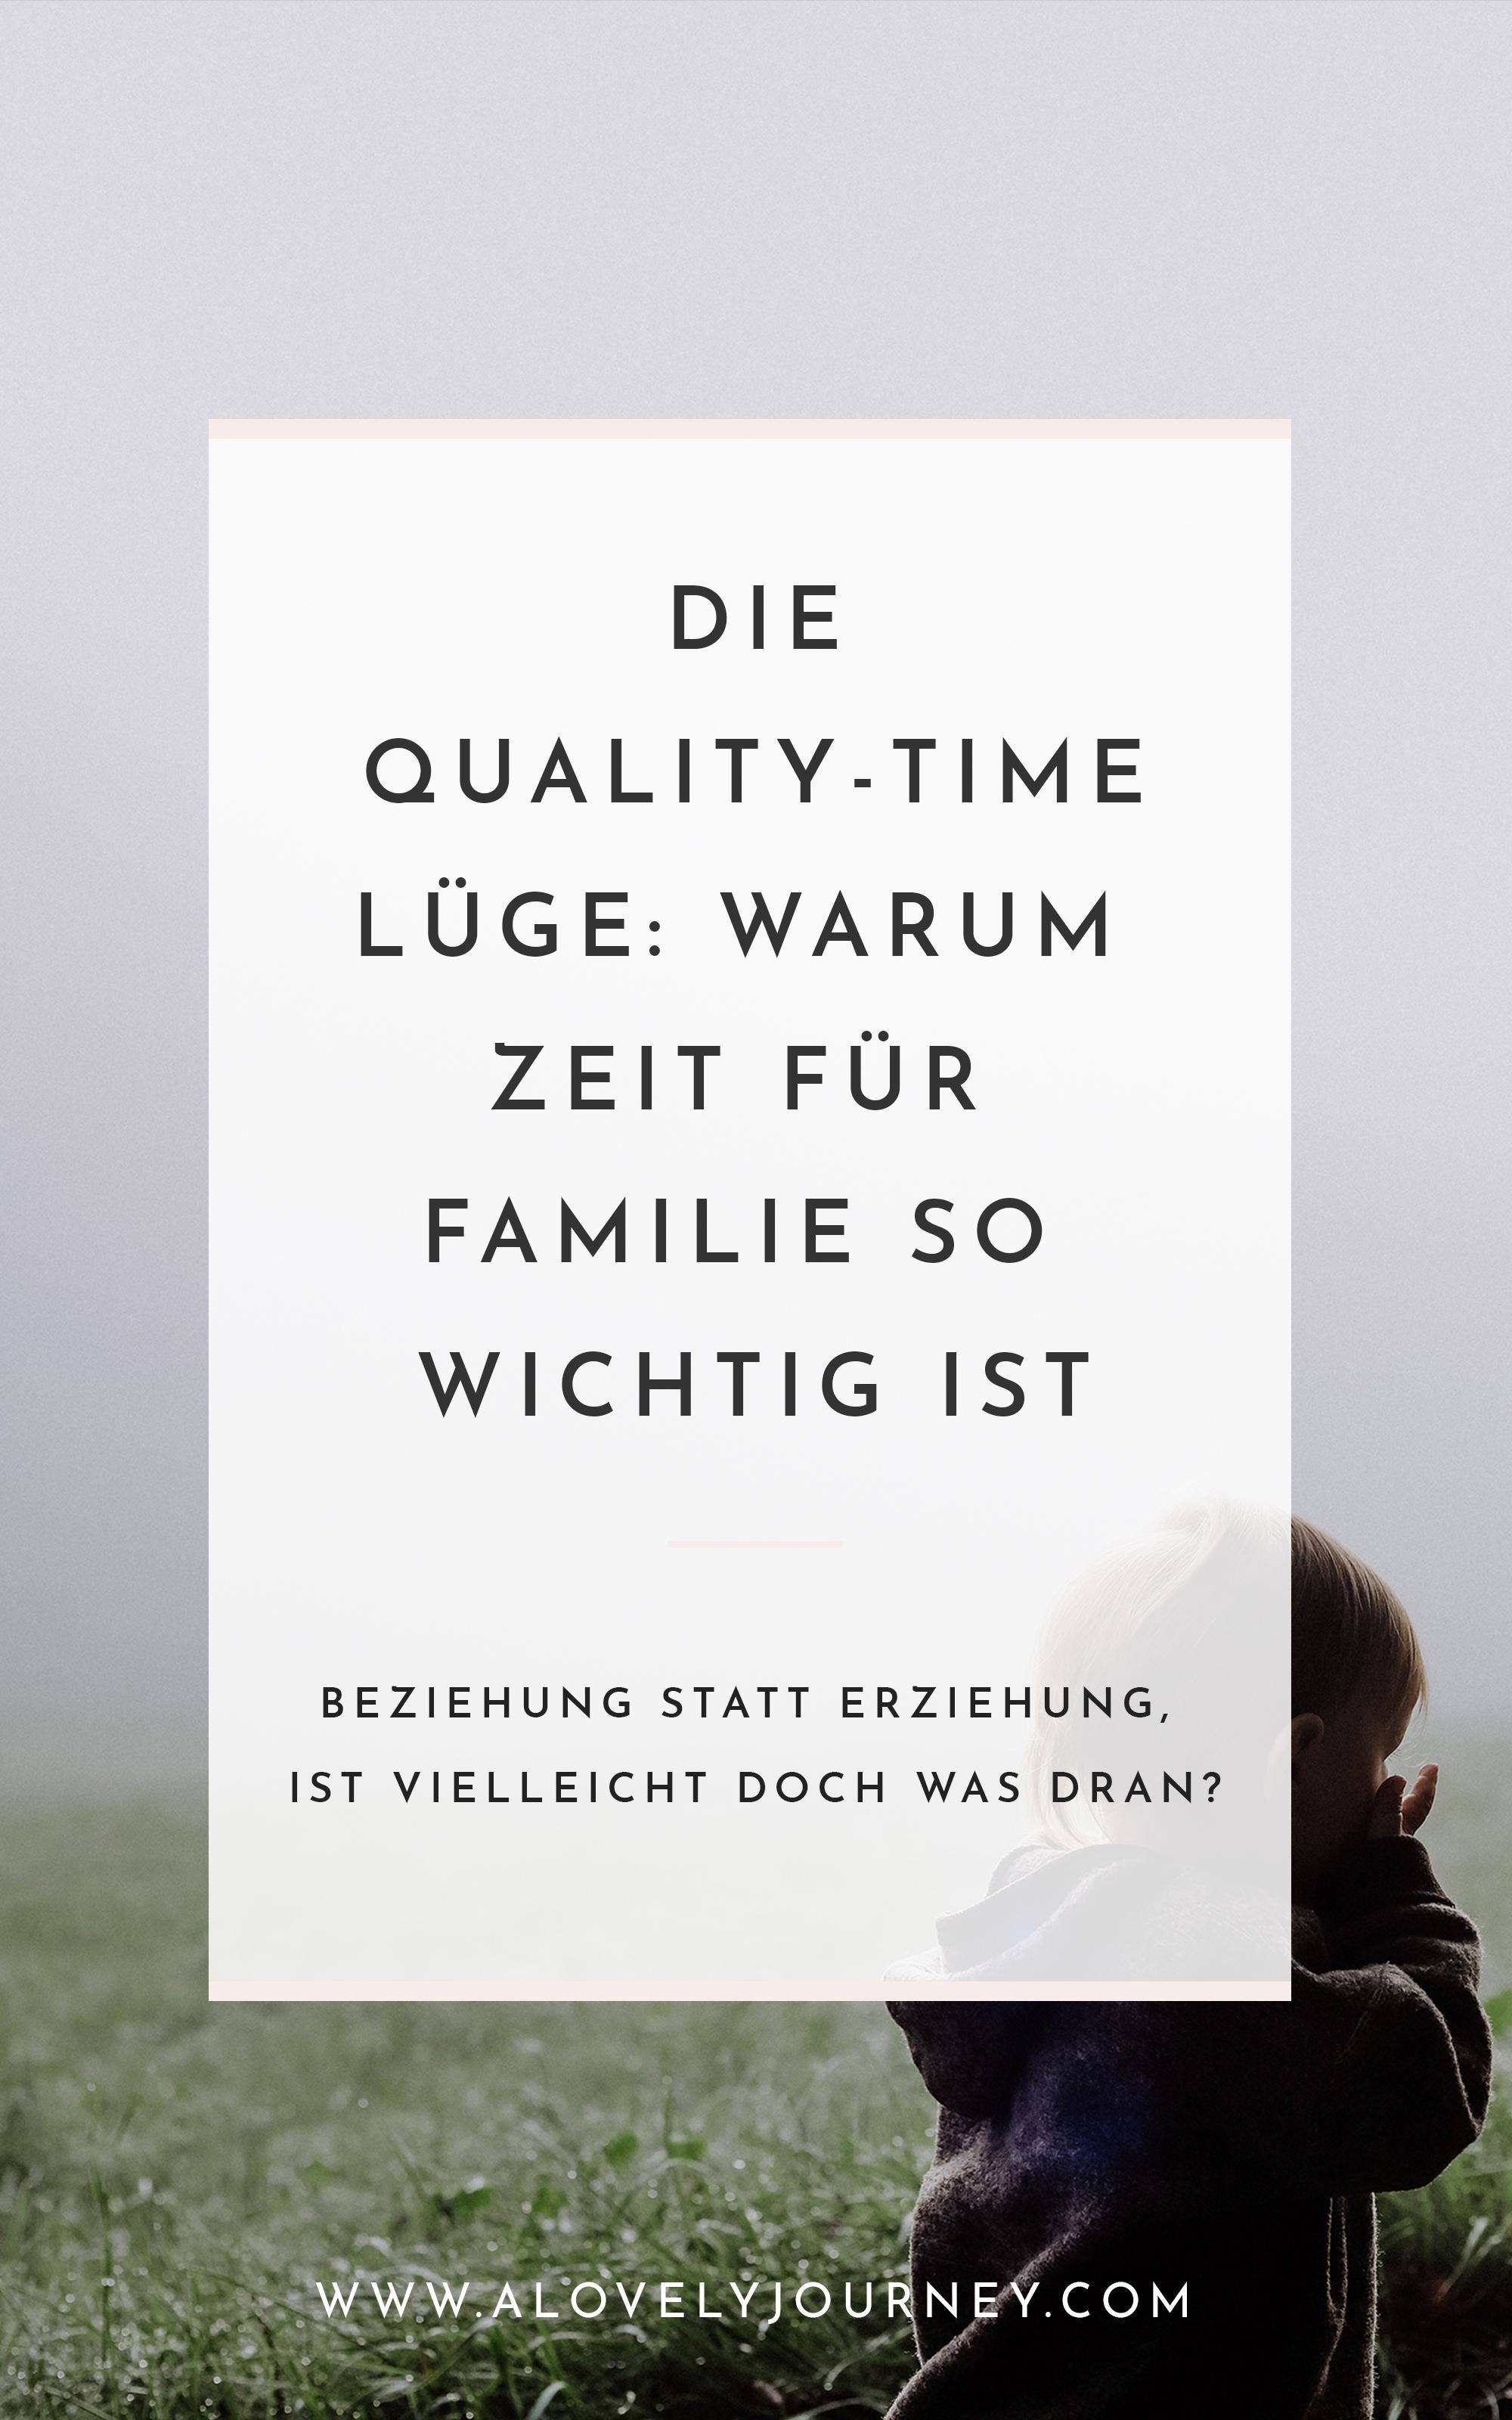 Die Quality Time Lüge: Warum Zeit für Familie so wichtig ist